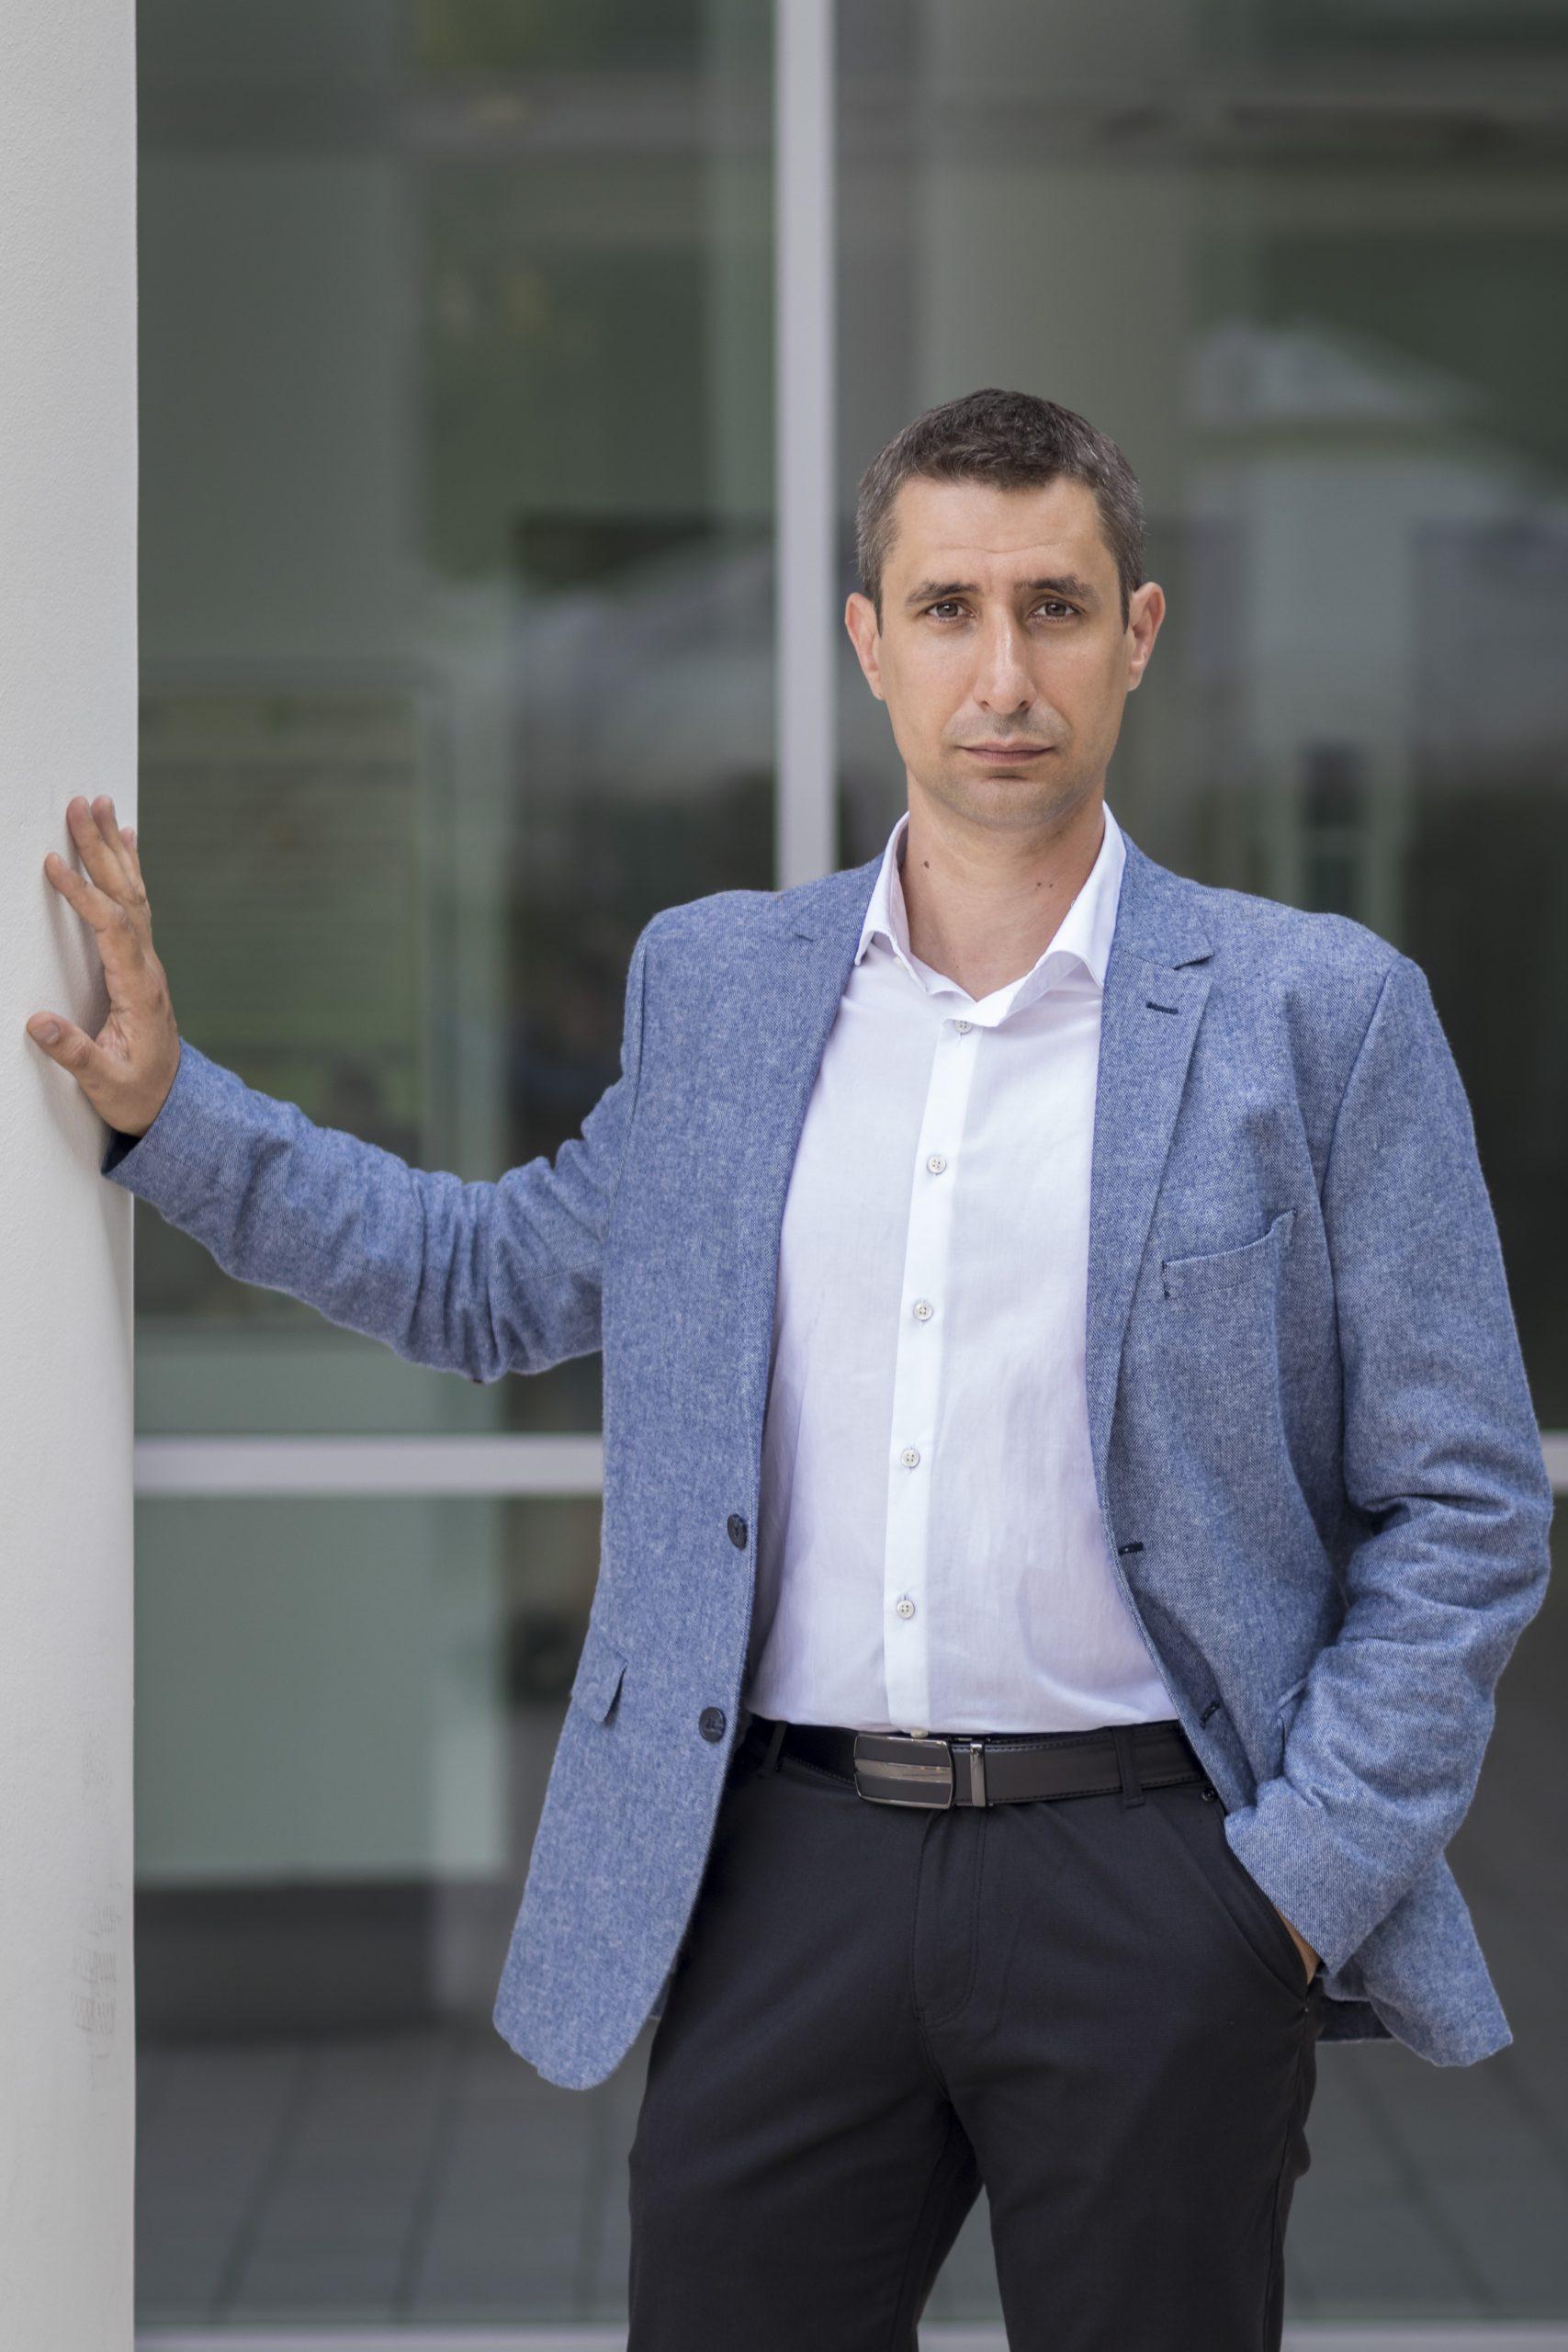 Dr. Simon Norbert